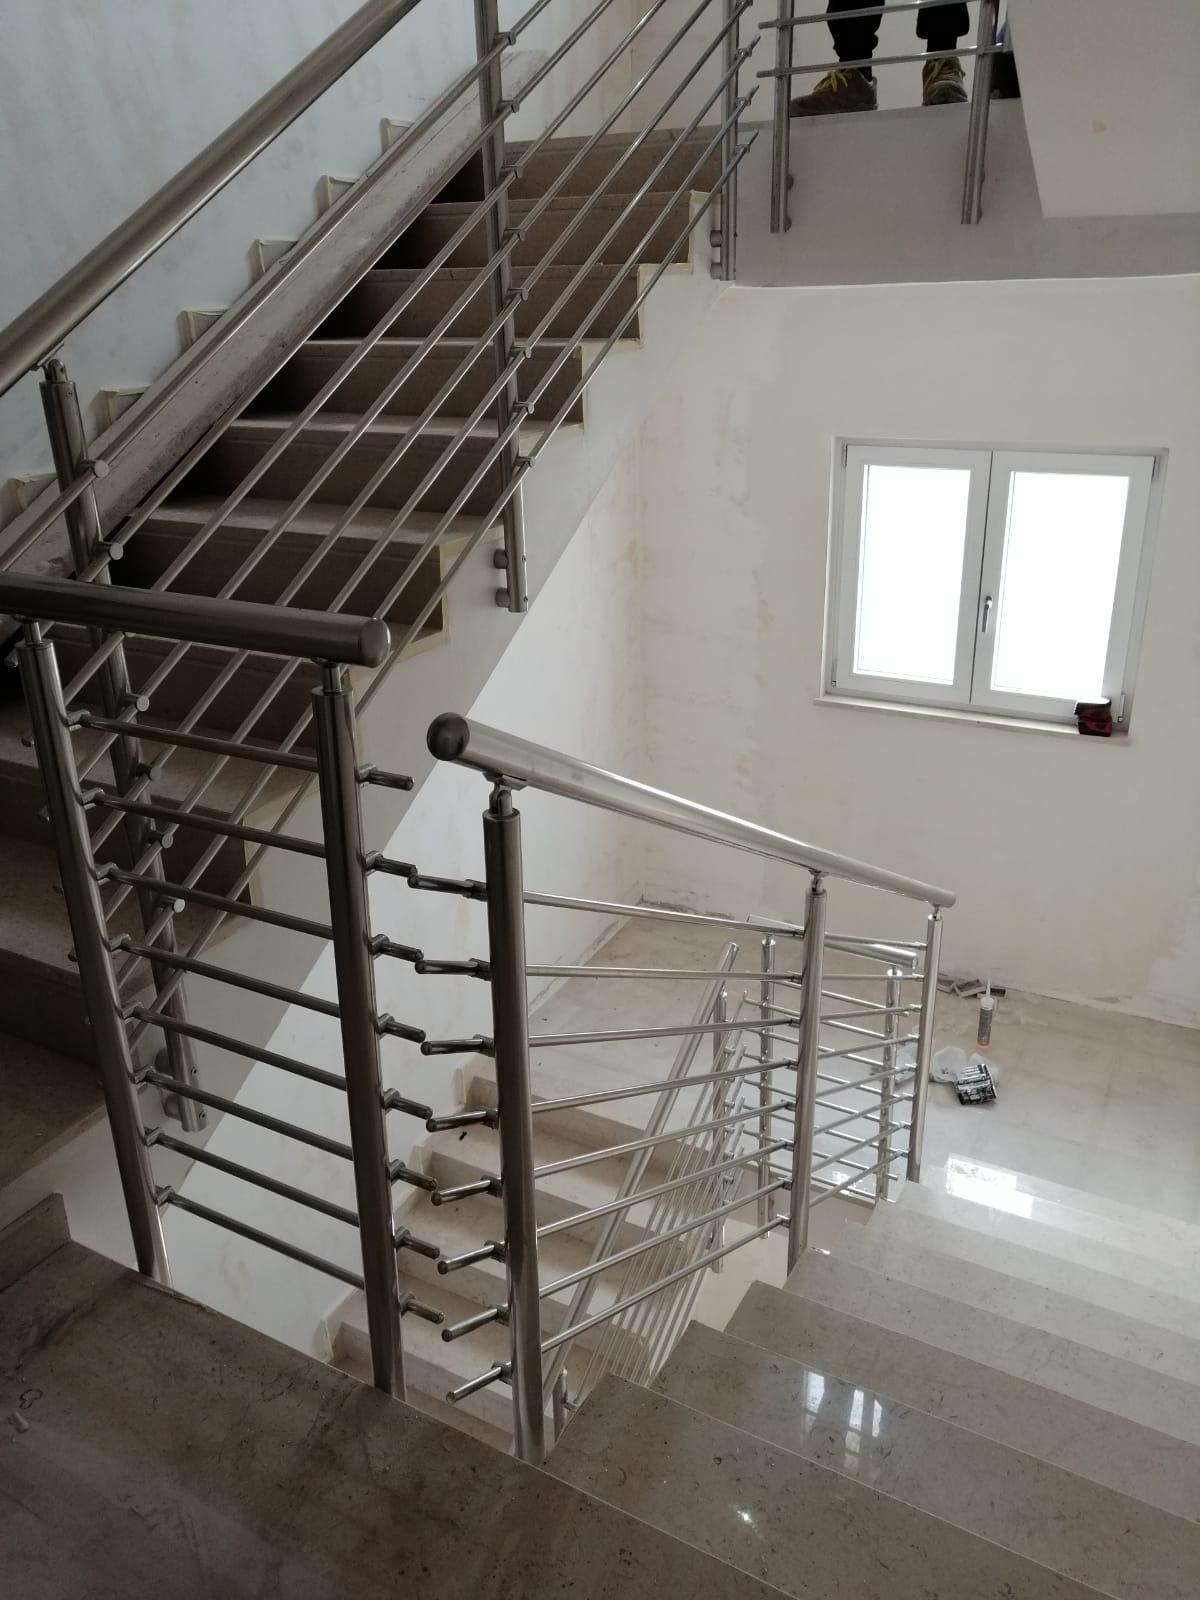 Ringhiera per scale interne condominio - Bari, Brindisi e in Puglia. - 5